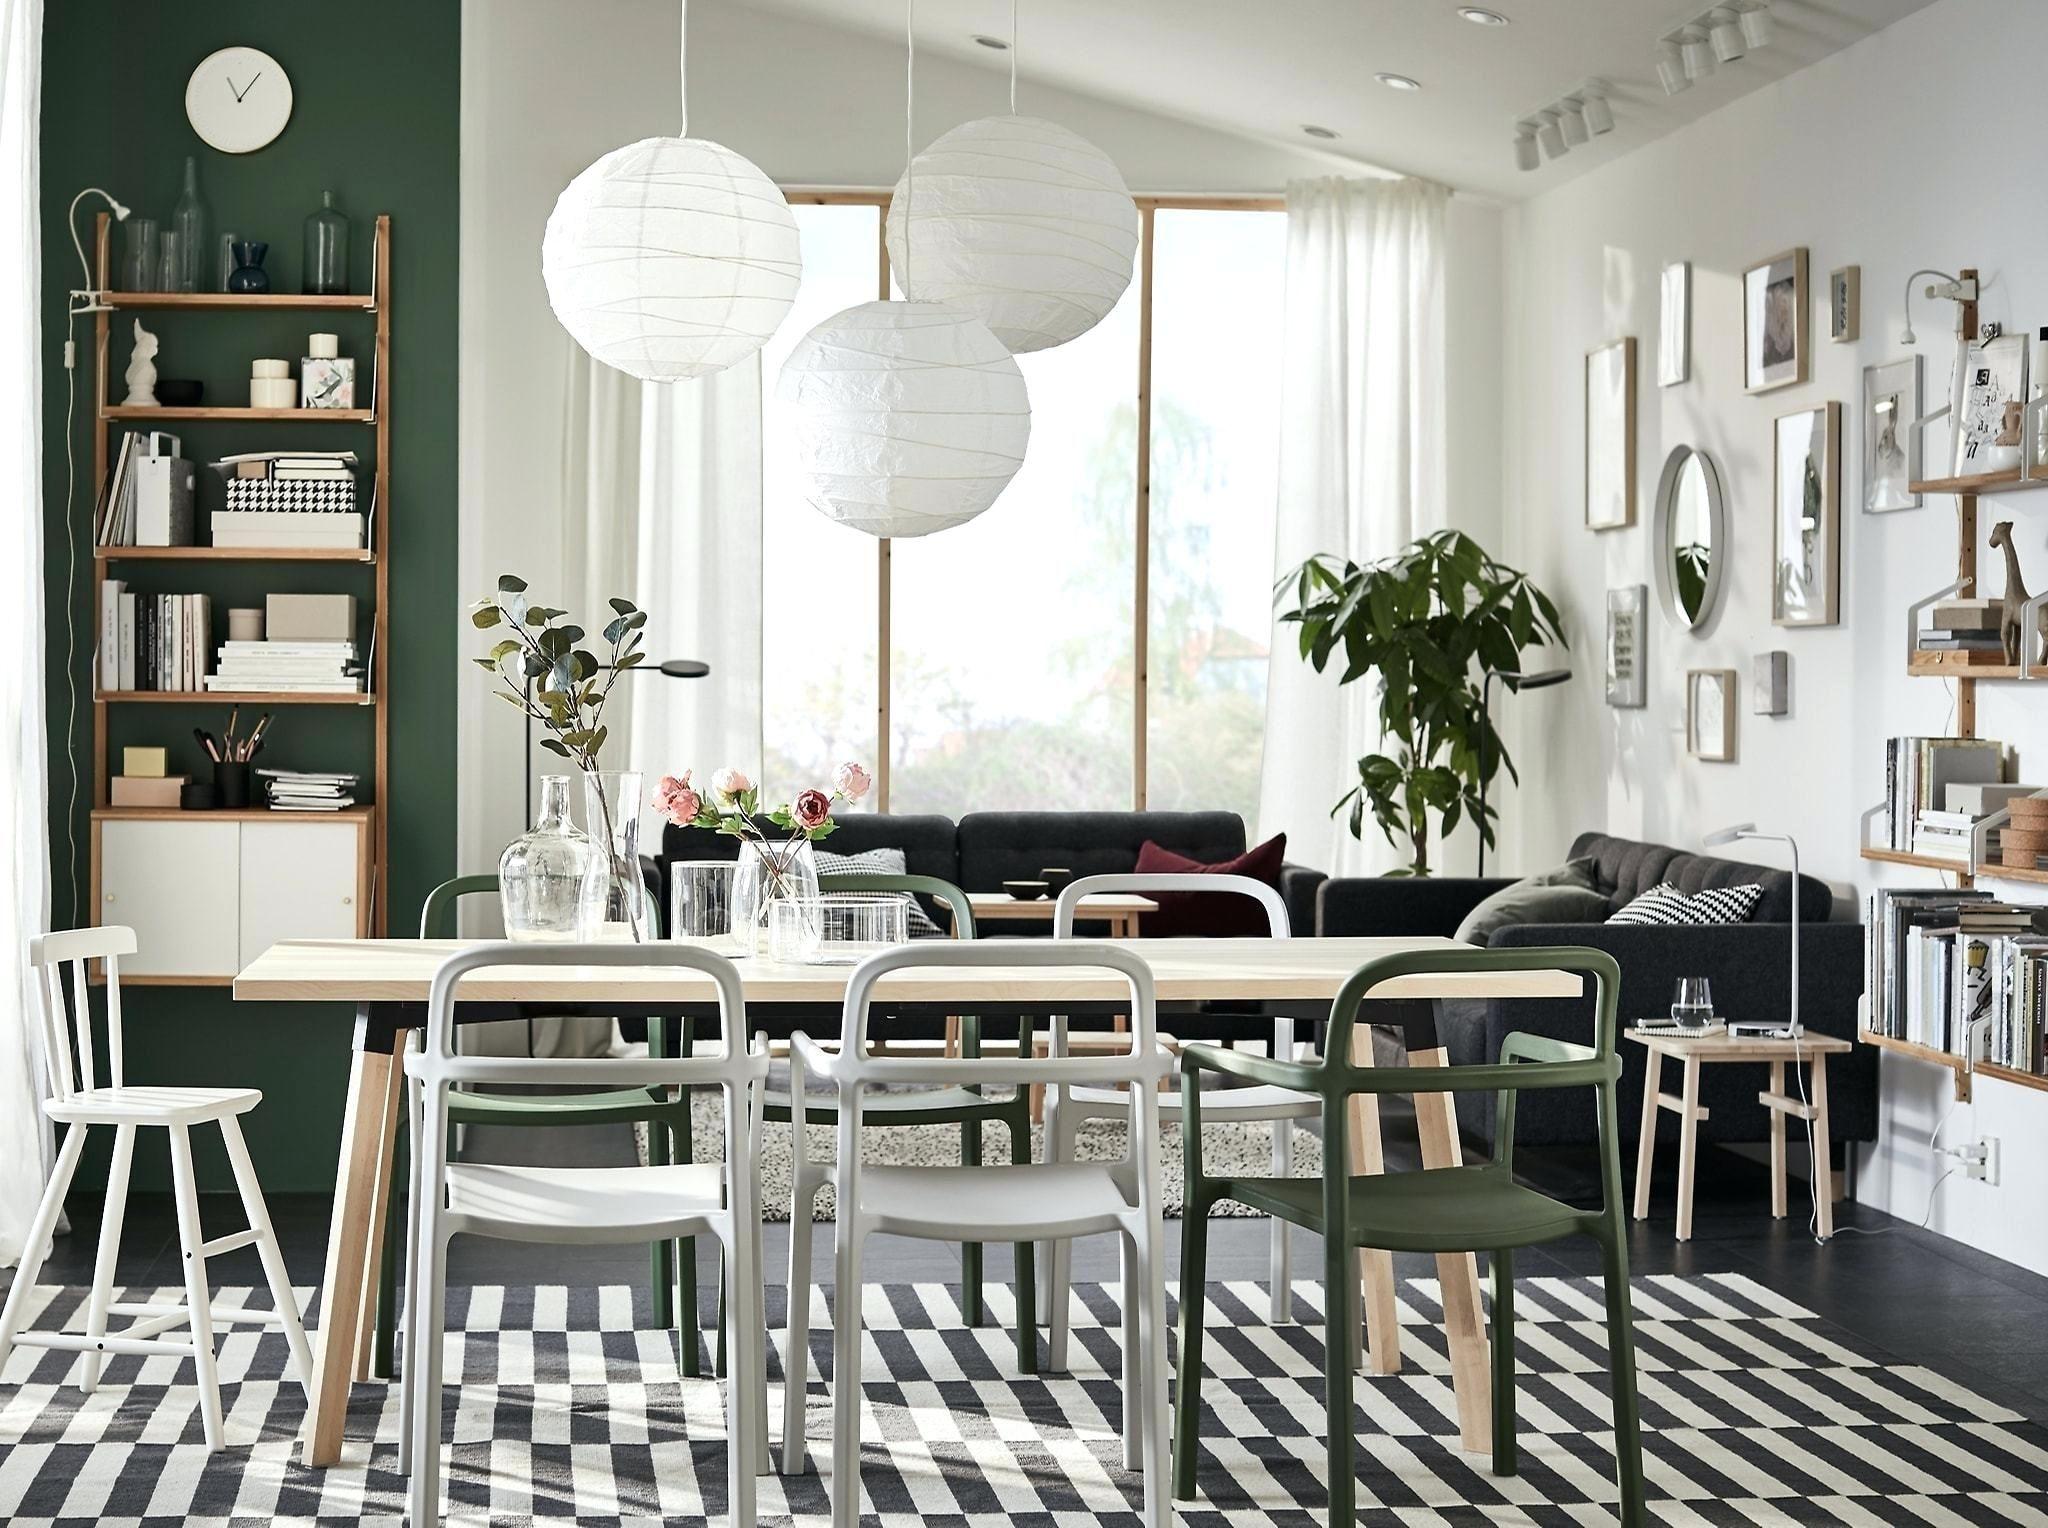 Cómo decorar un salón-comedor según el feng shui